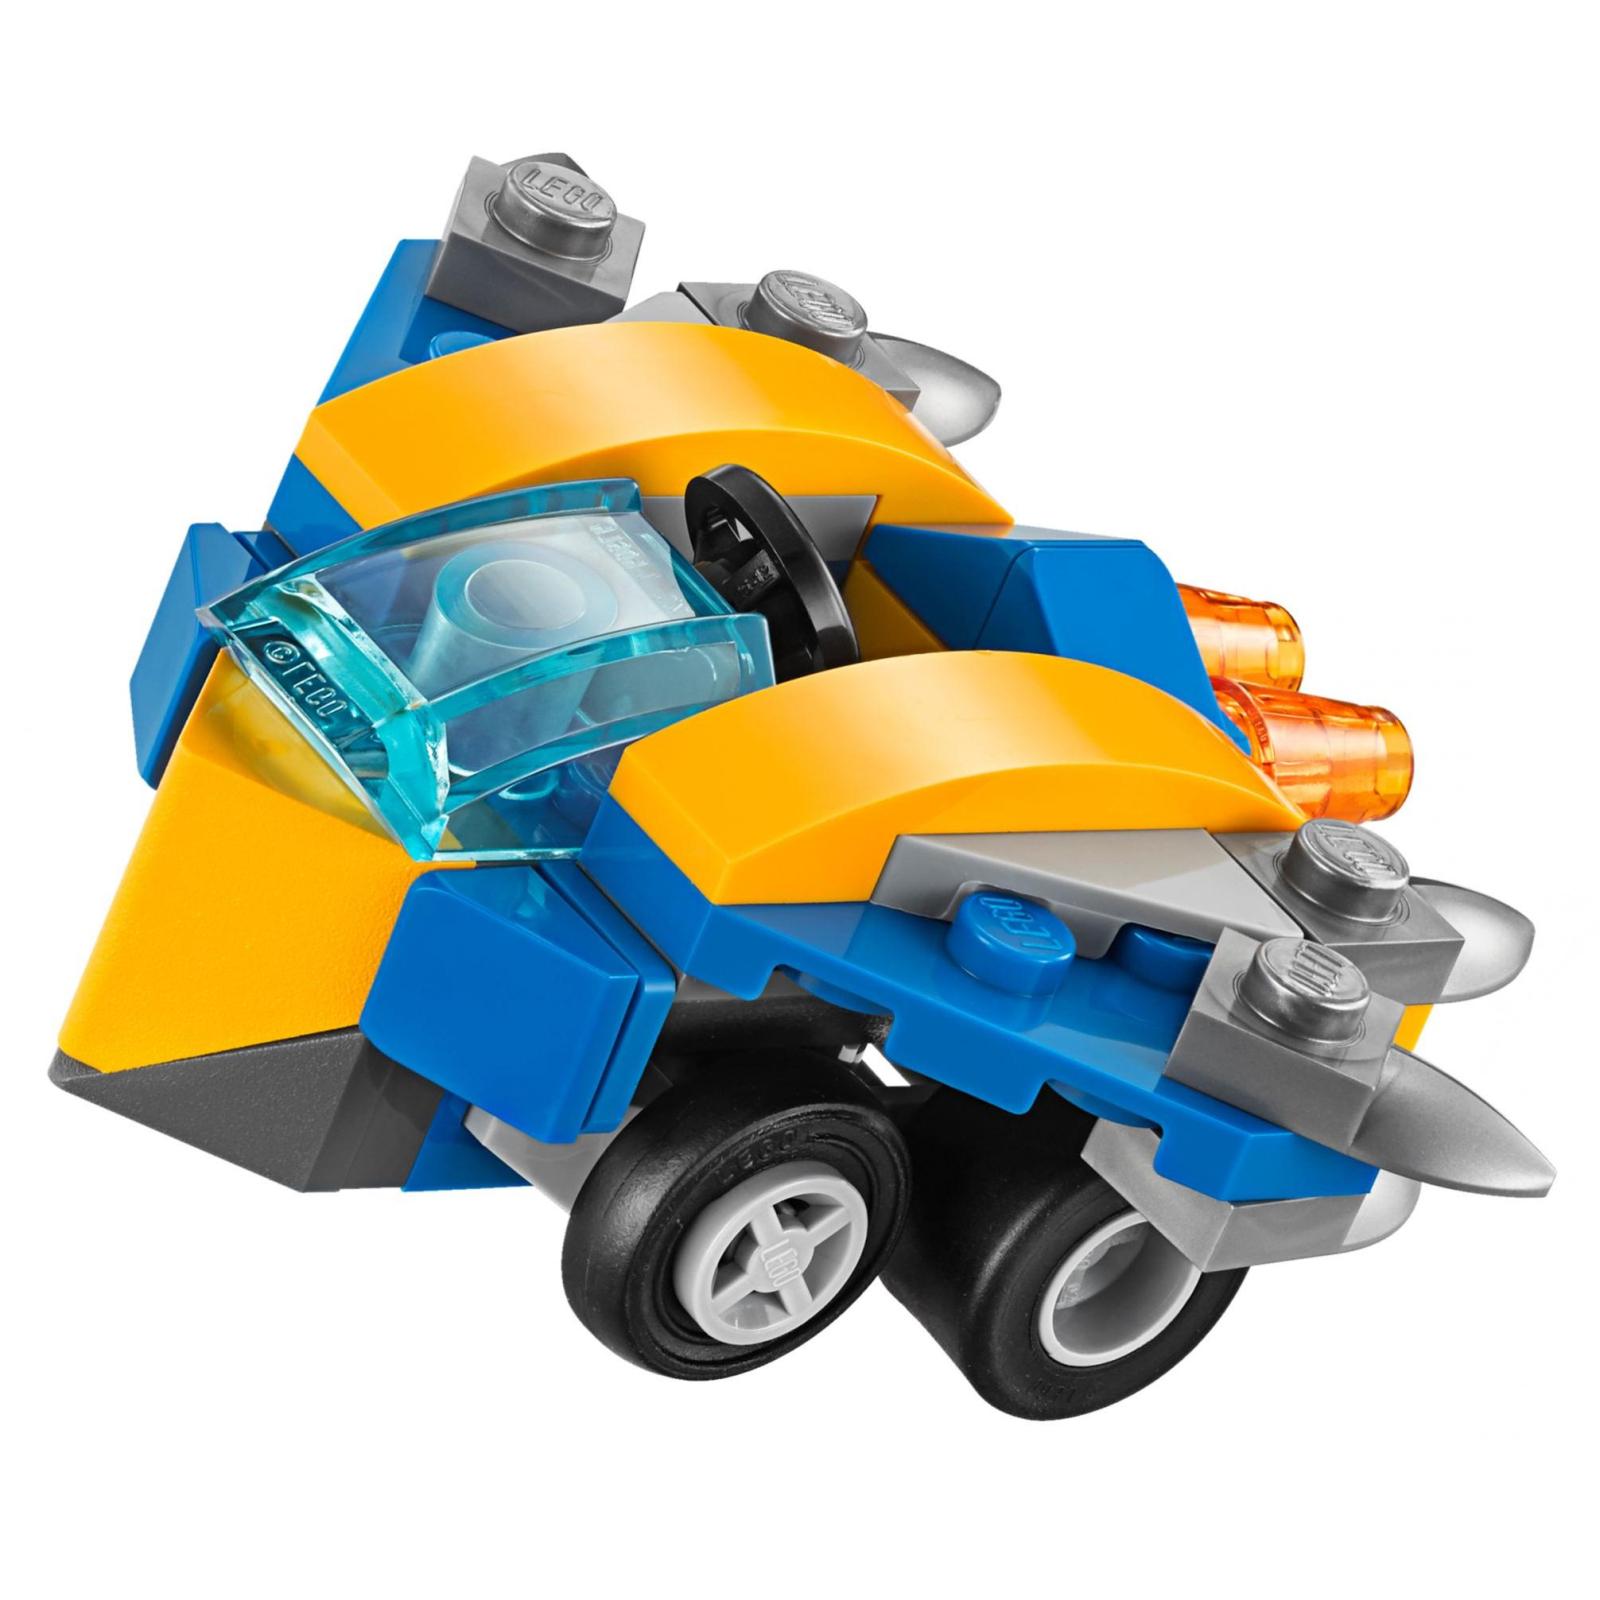 Конструктор LEGO Super Heroes Mighty Micros: Звездный лорд против Небулы (76090) изображение 6